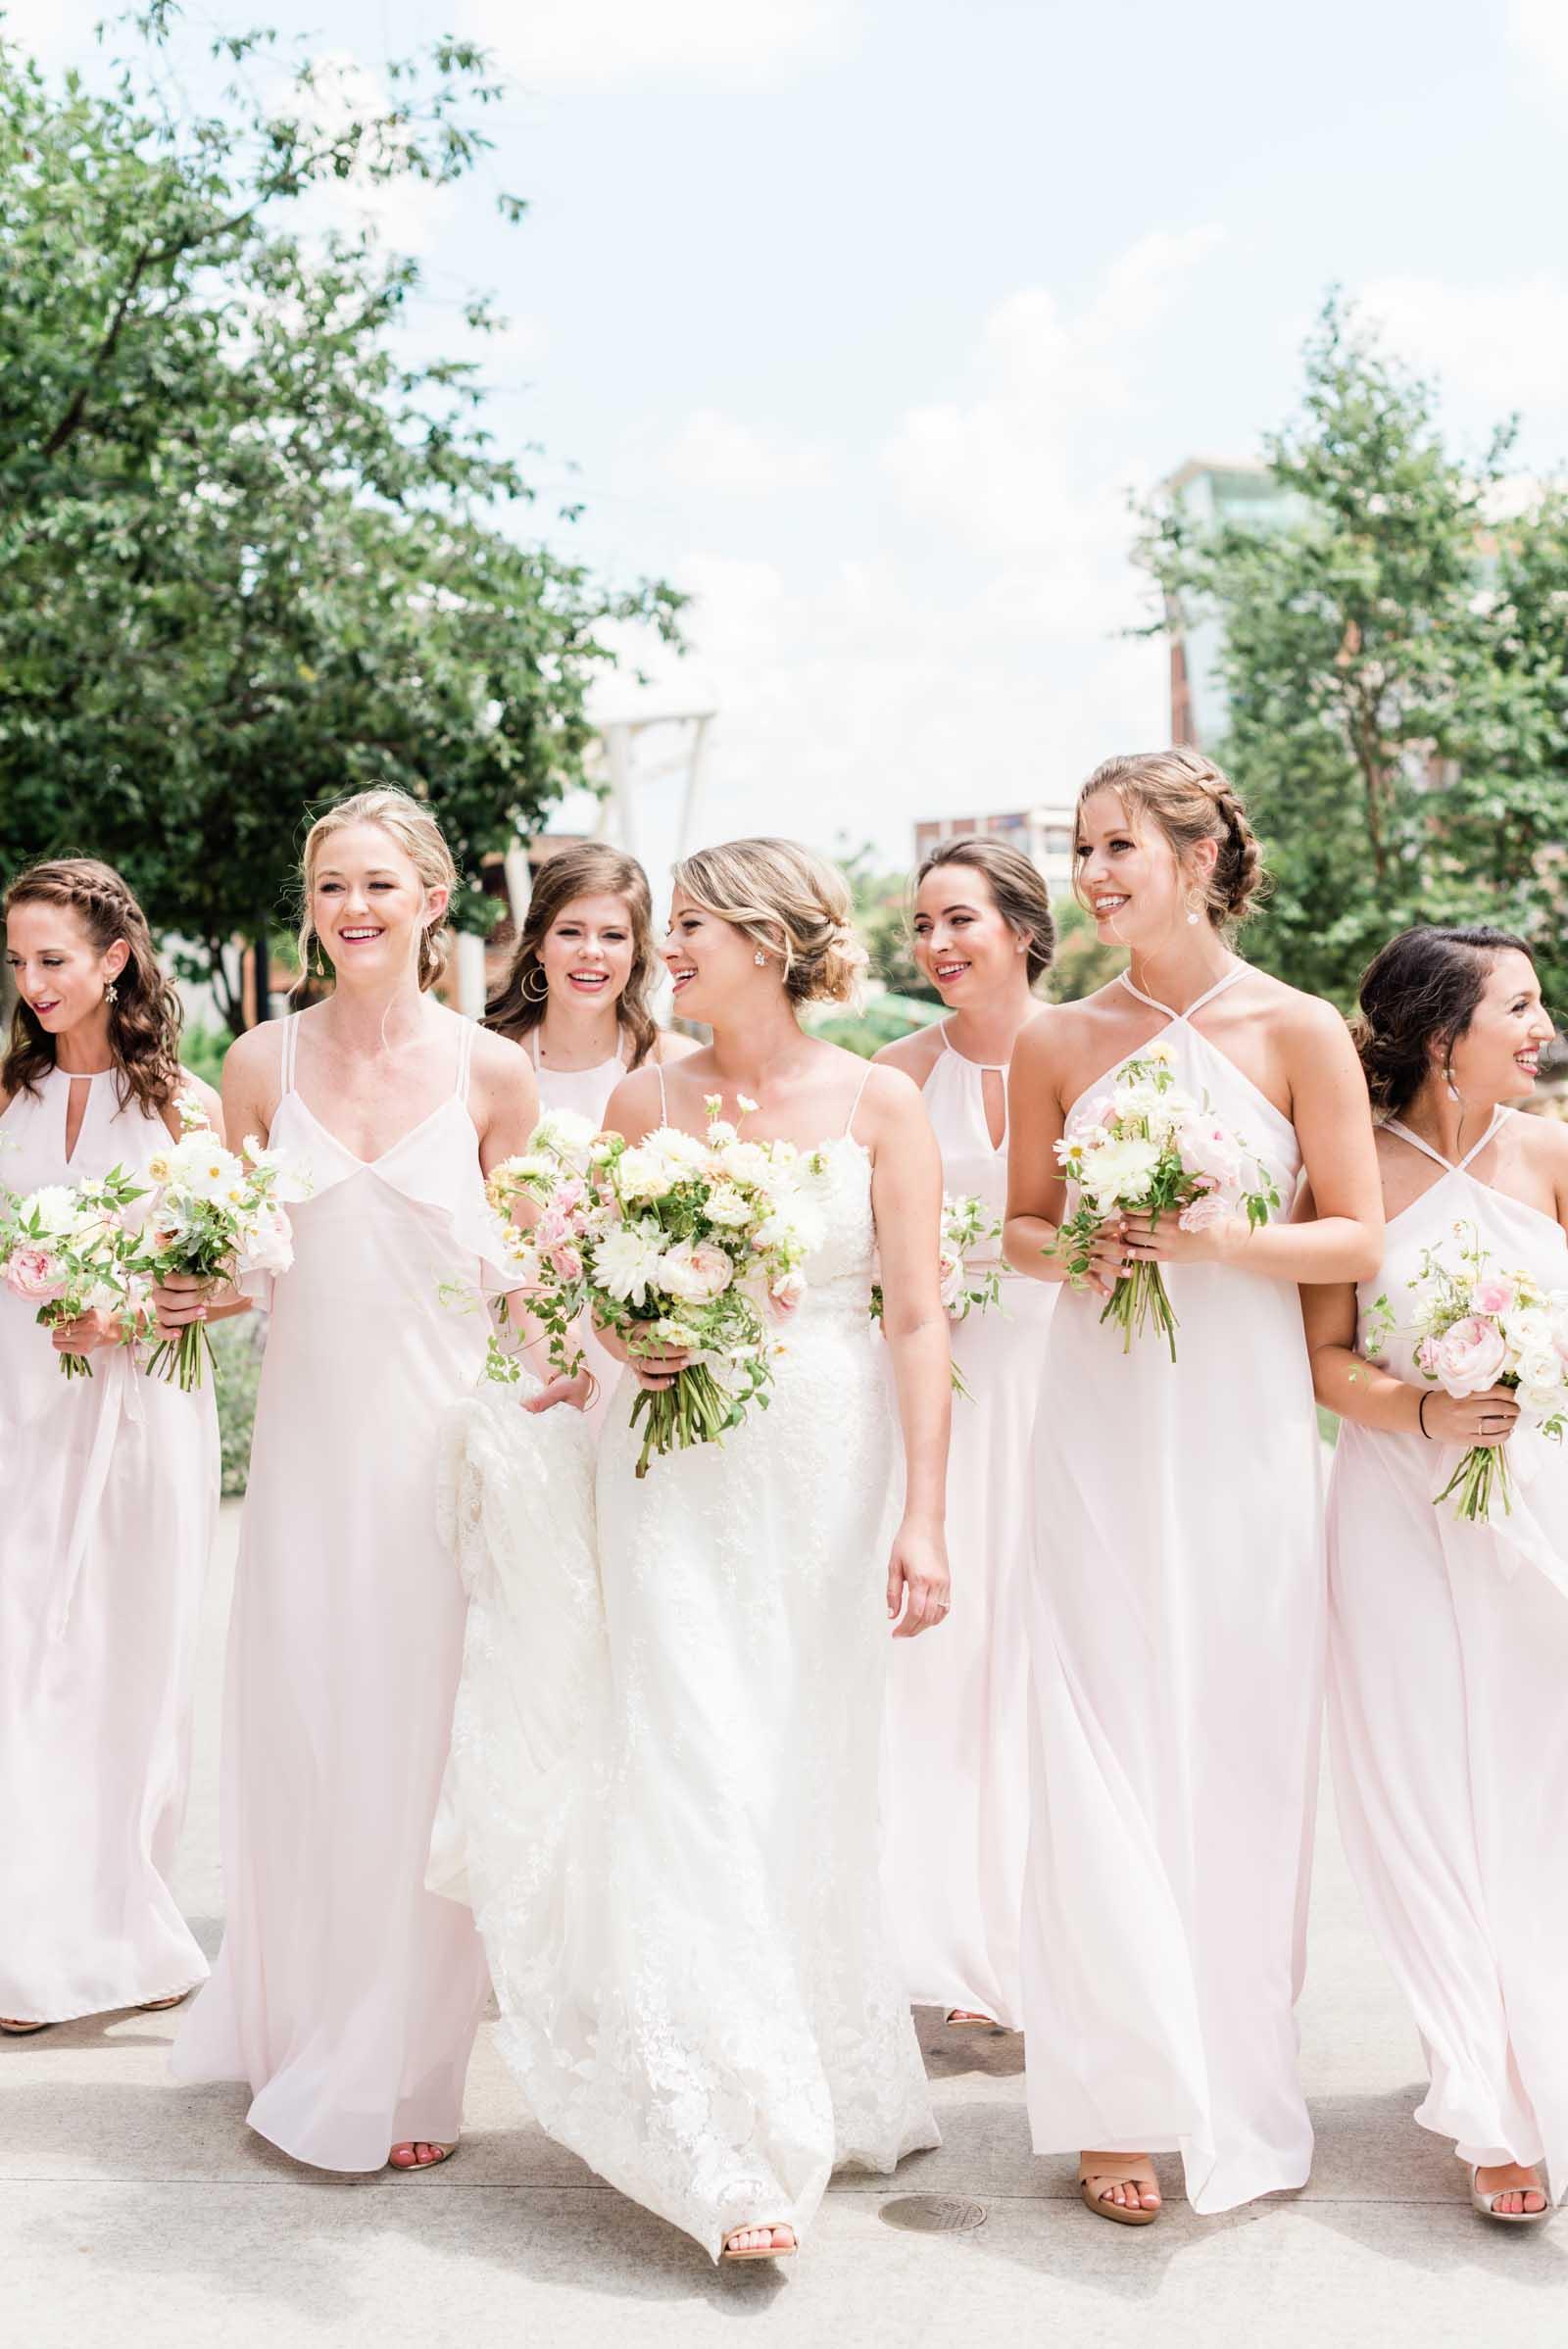 Hugenot Mill Greenville SC Wedding_Markie Walden Photography-13.jpg